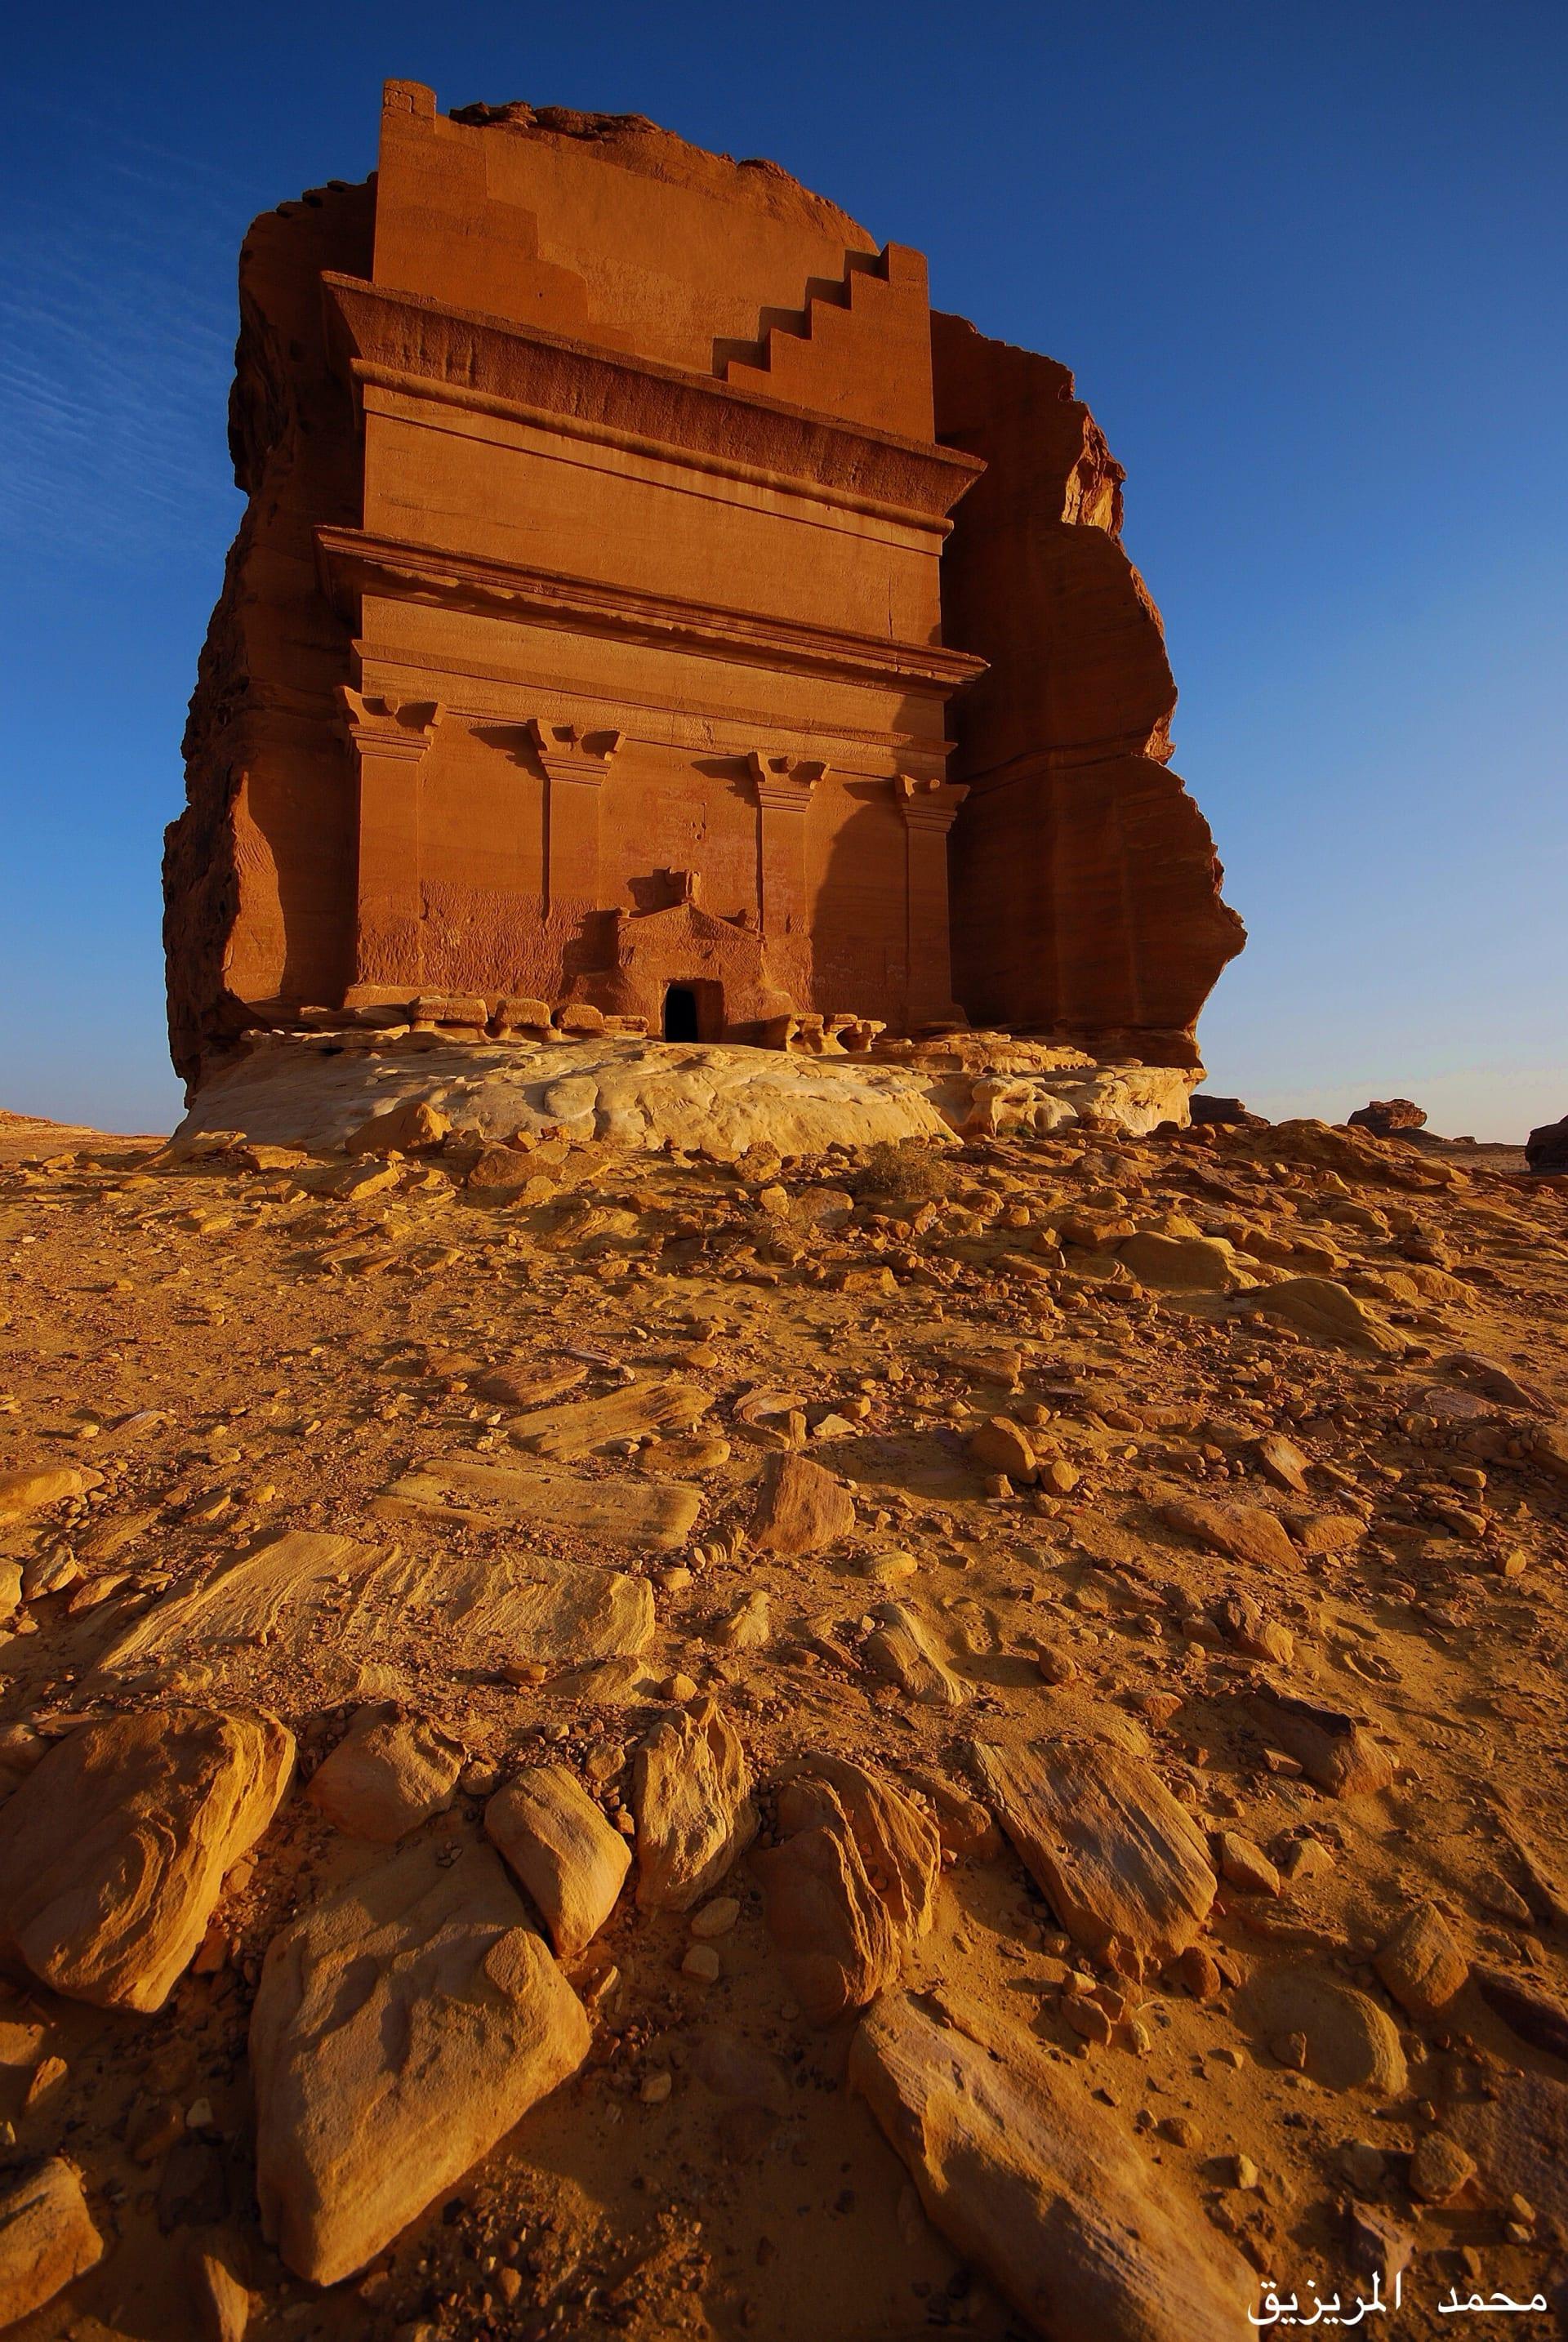 من بين زواياها الشاهقة..مصور يستكشف معابد وقصور مدائن صالح السعودية